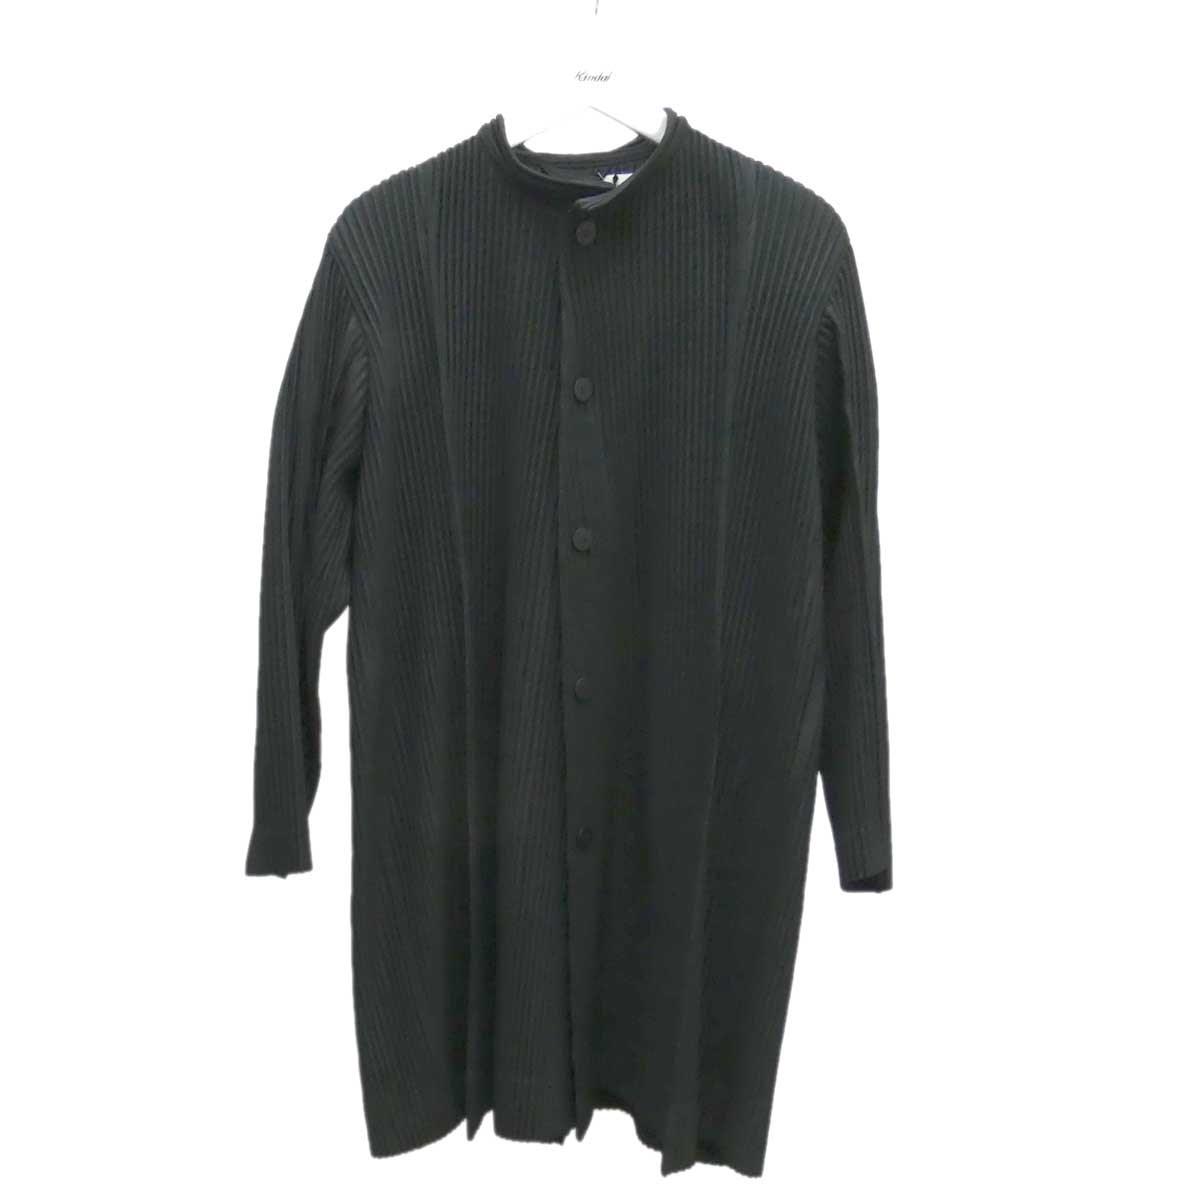 【中古】HOMME PLISSE ISSEY MIYAKE プリーツジャケット HP01JA219 ROCK ブラック サイズ:1 【290820】(オム プリッセ イッセイ ミヤケ)